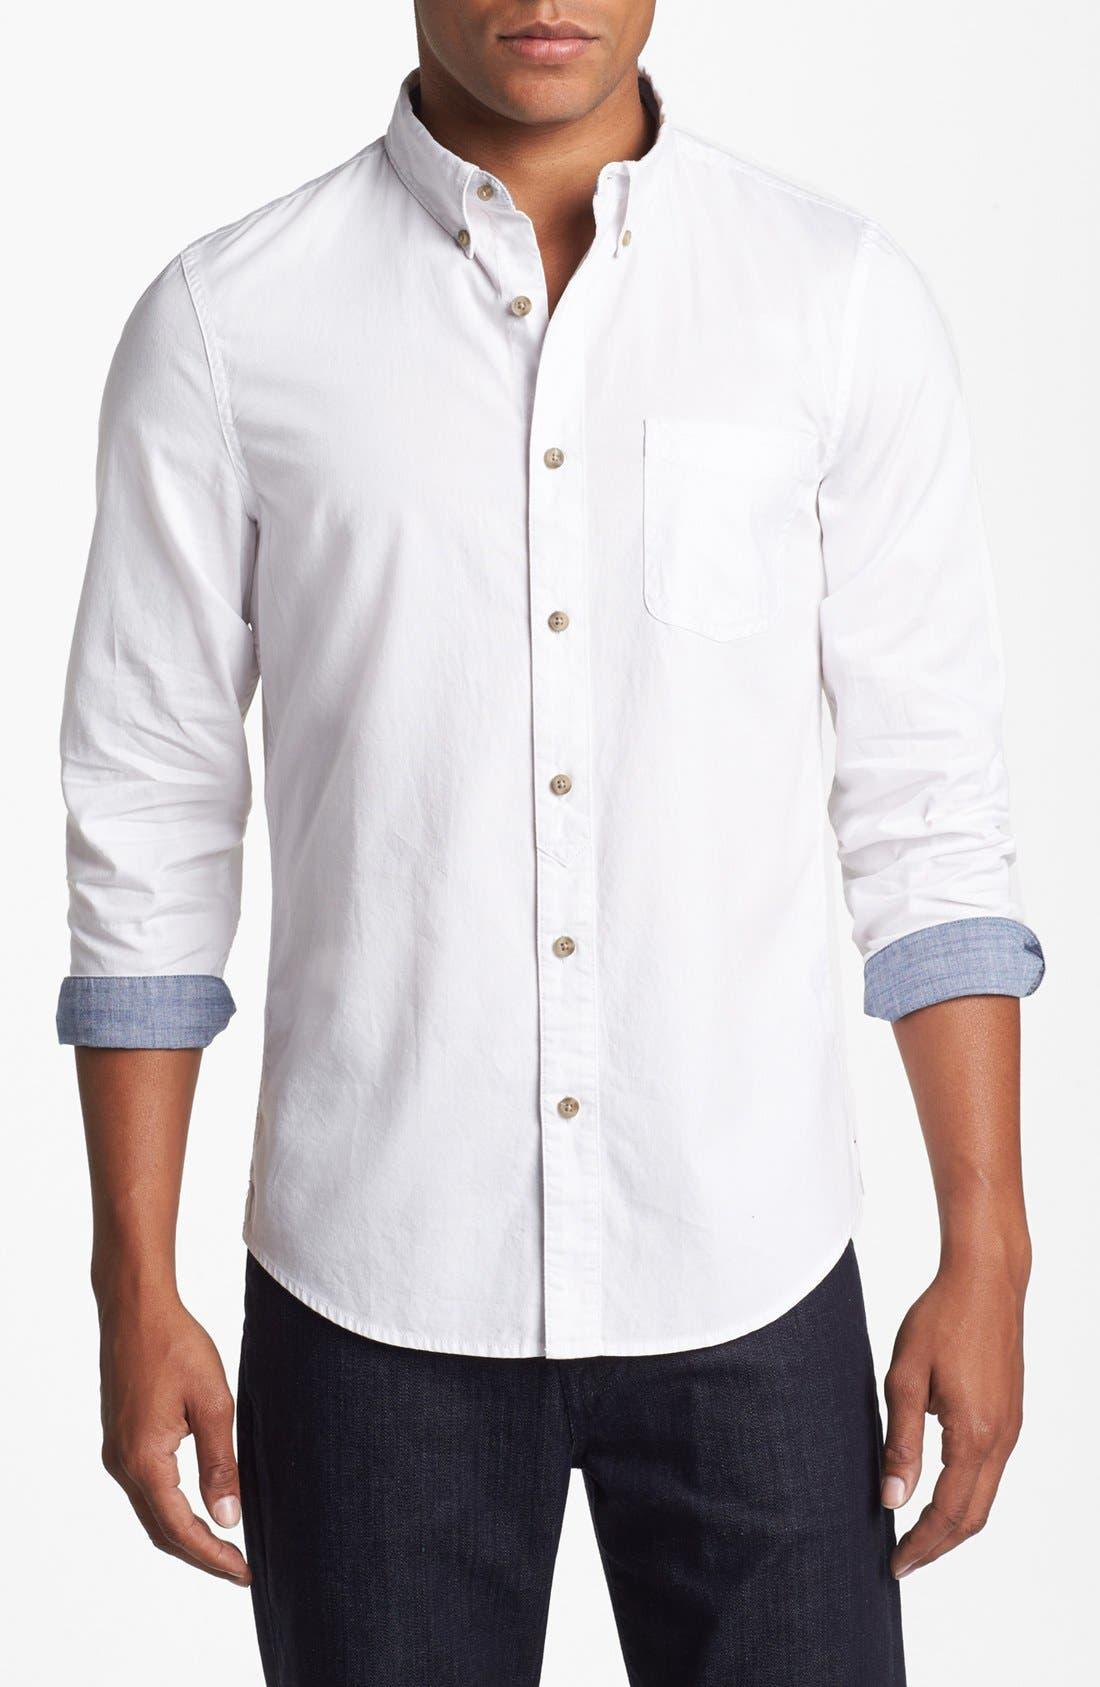 Main Image - 1901 Pinpoint Oxford Shirt